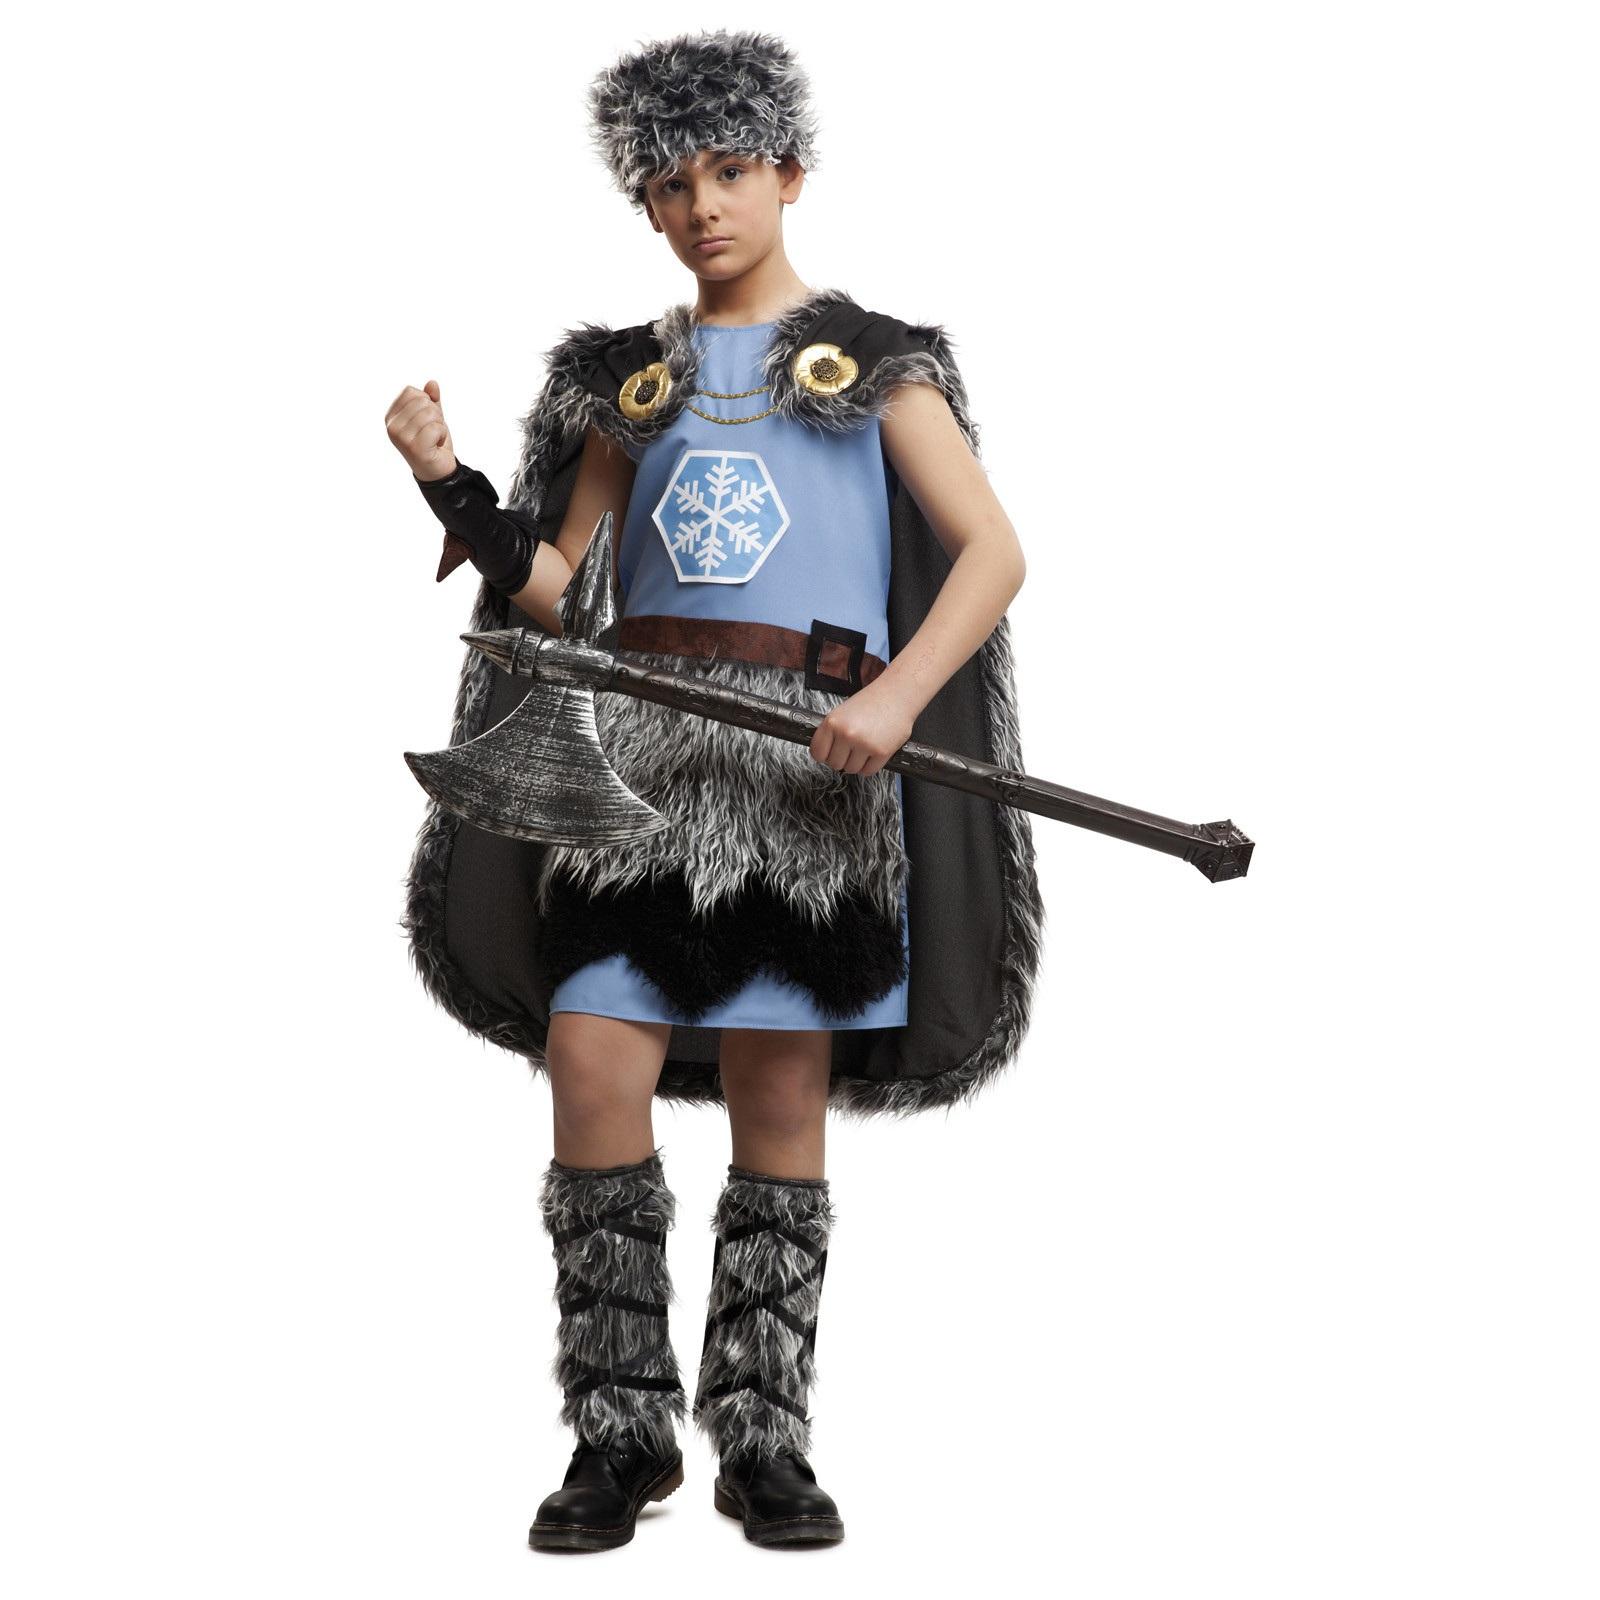 disfraz grant niño 205008mom - DISFRAZ DE VIDEOJUEGOS VIKINGO GRANT NIÑO